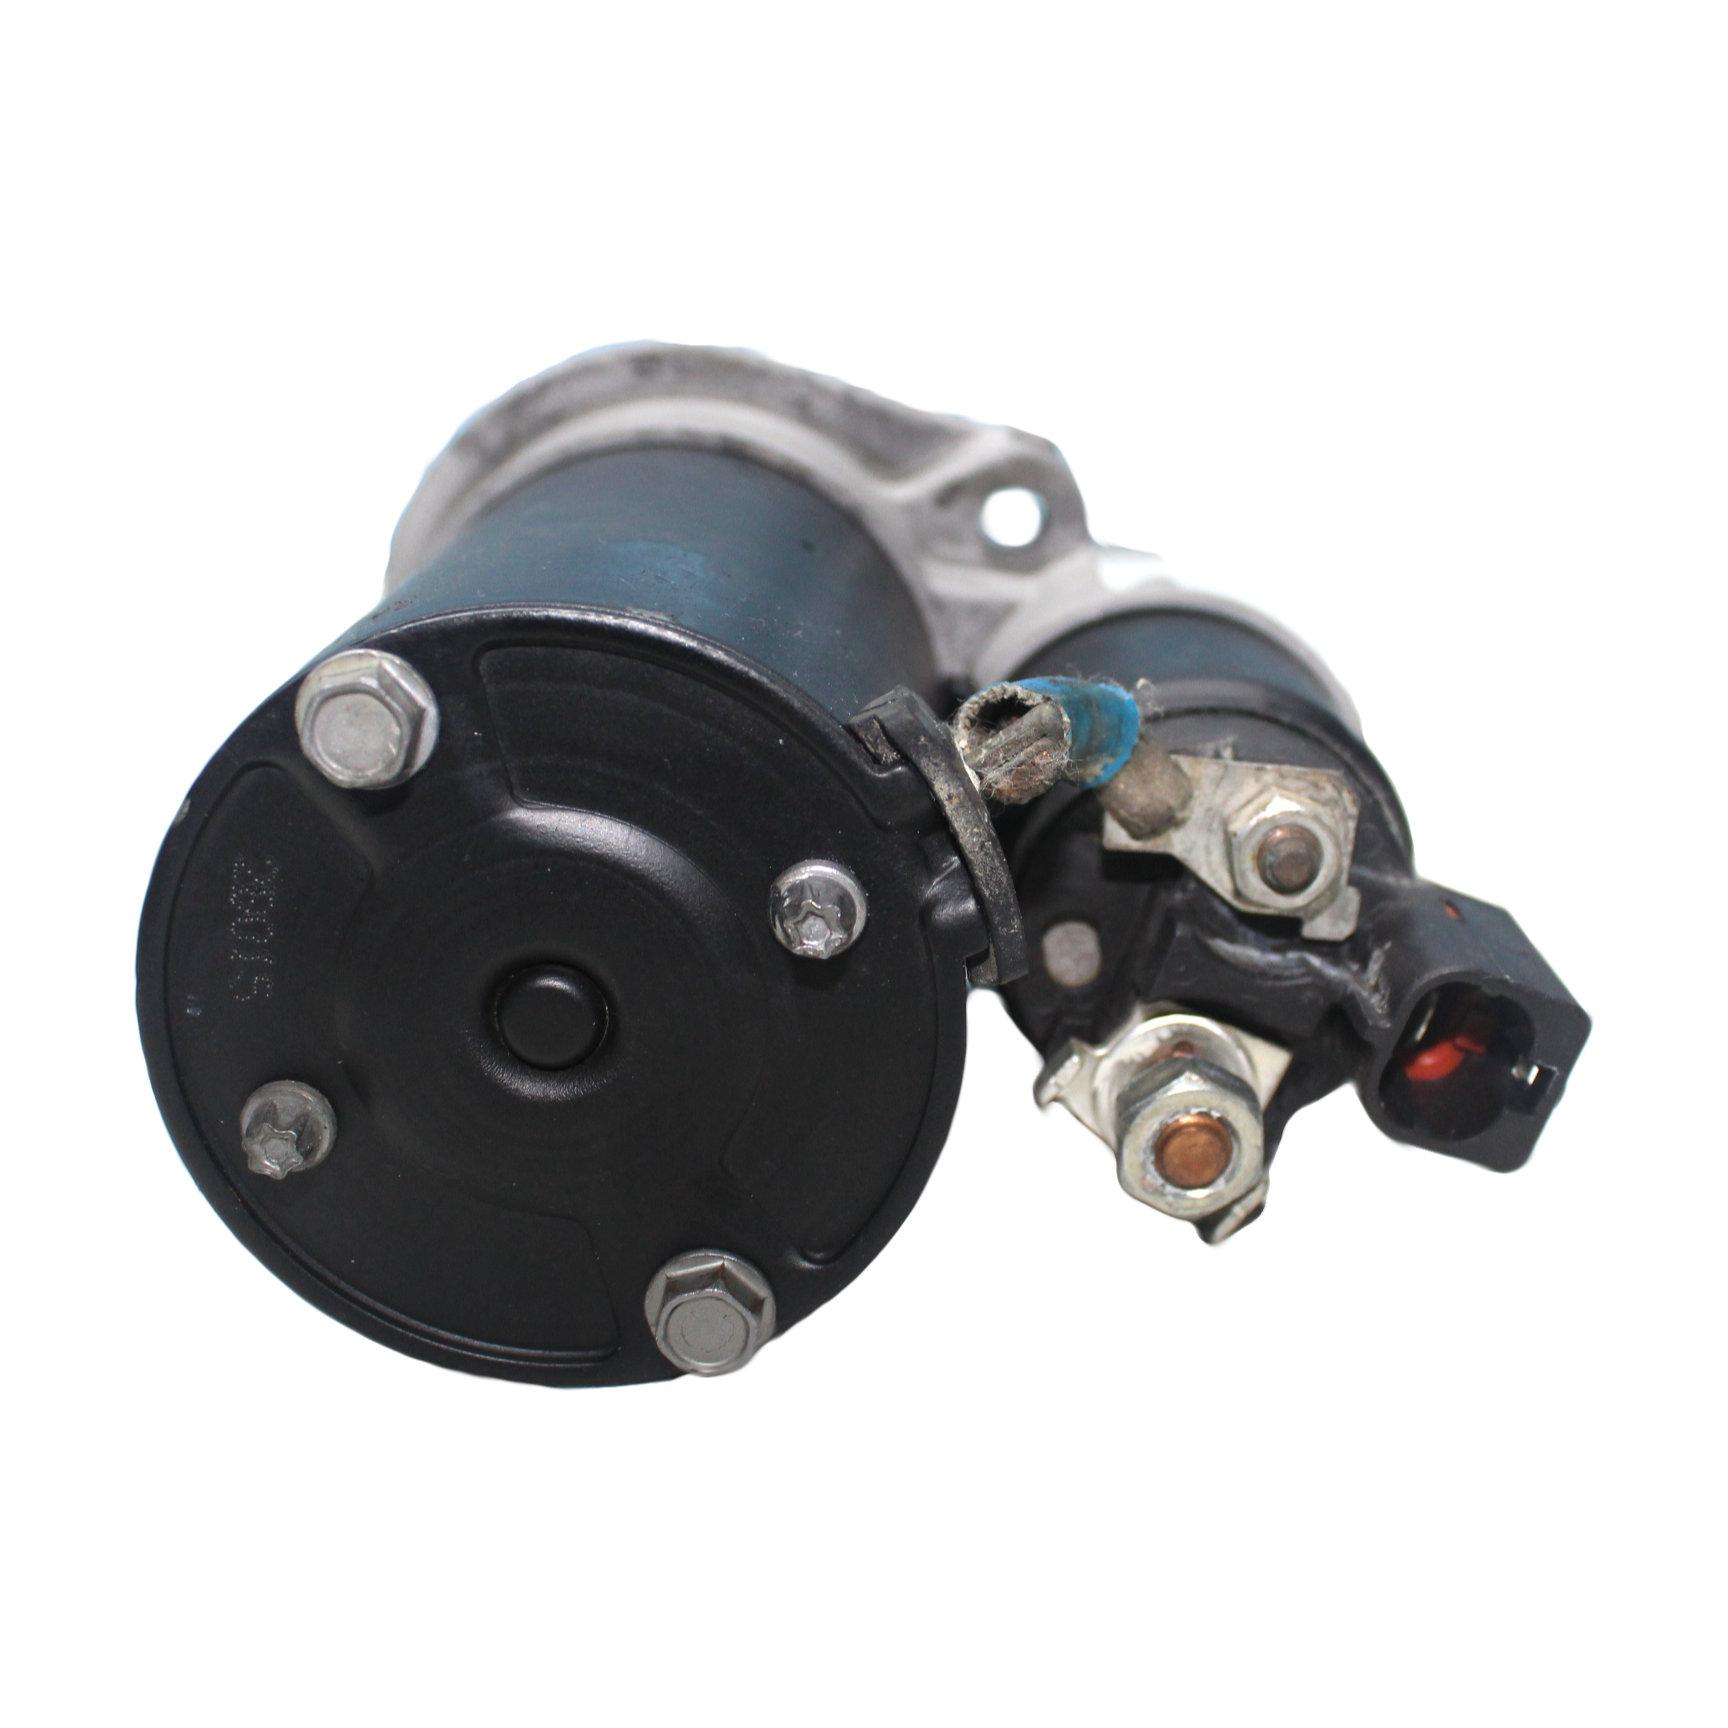 Motor de Arranque Partida IX35, Santa Fe 4cc, Sonata 2.4 2011..., Sportage 2011... 361002G200